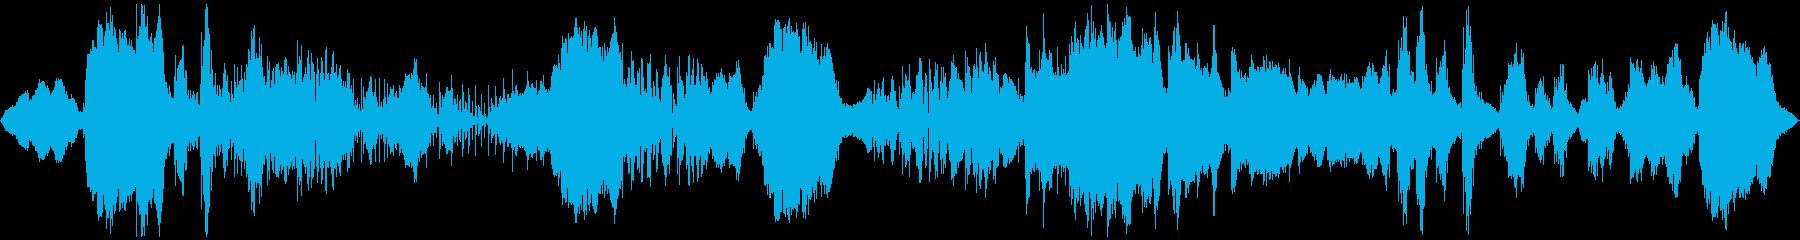 恐怖、ホラーな感じのノイズ楽曲です。の再生済みの波形